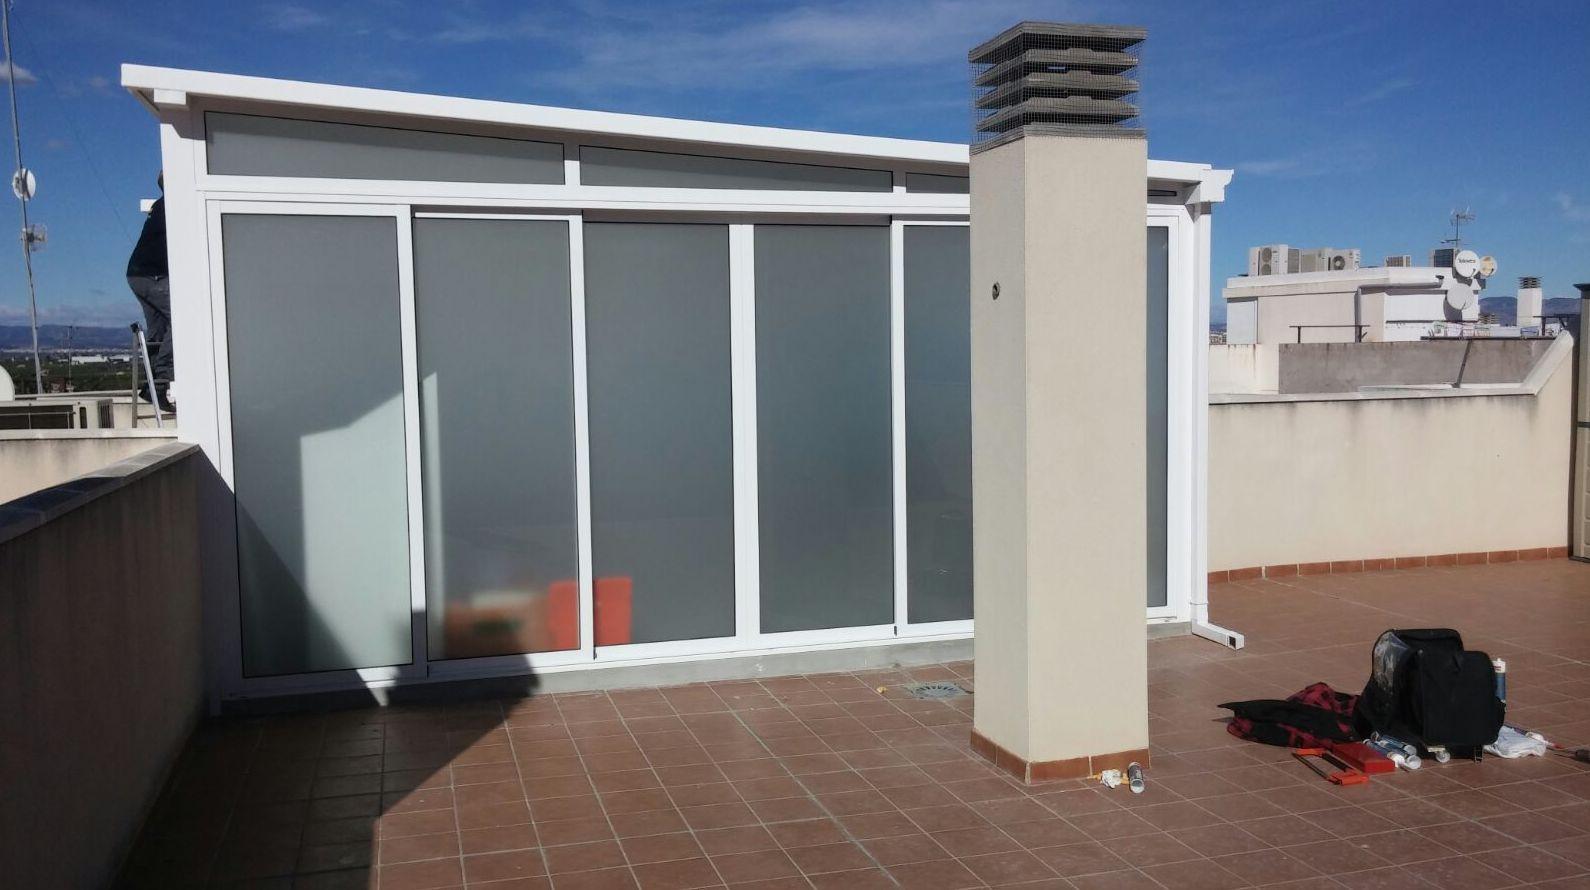 CERRAMIENTO: Servicios de Exposición, Carpintería de aluminio- toldos-cerrajeria - reformas del hogar.